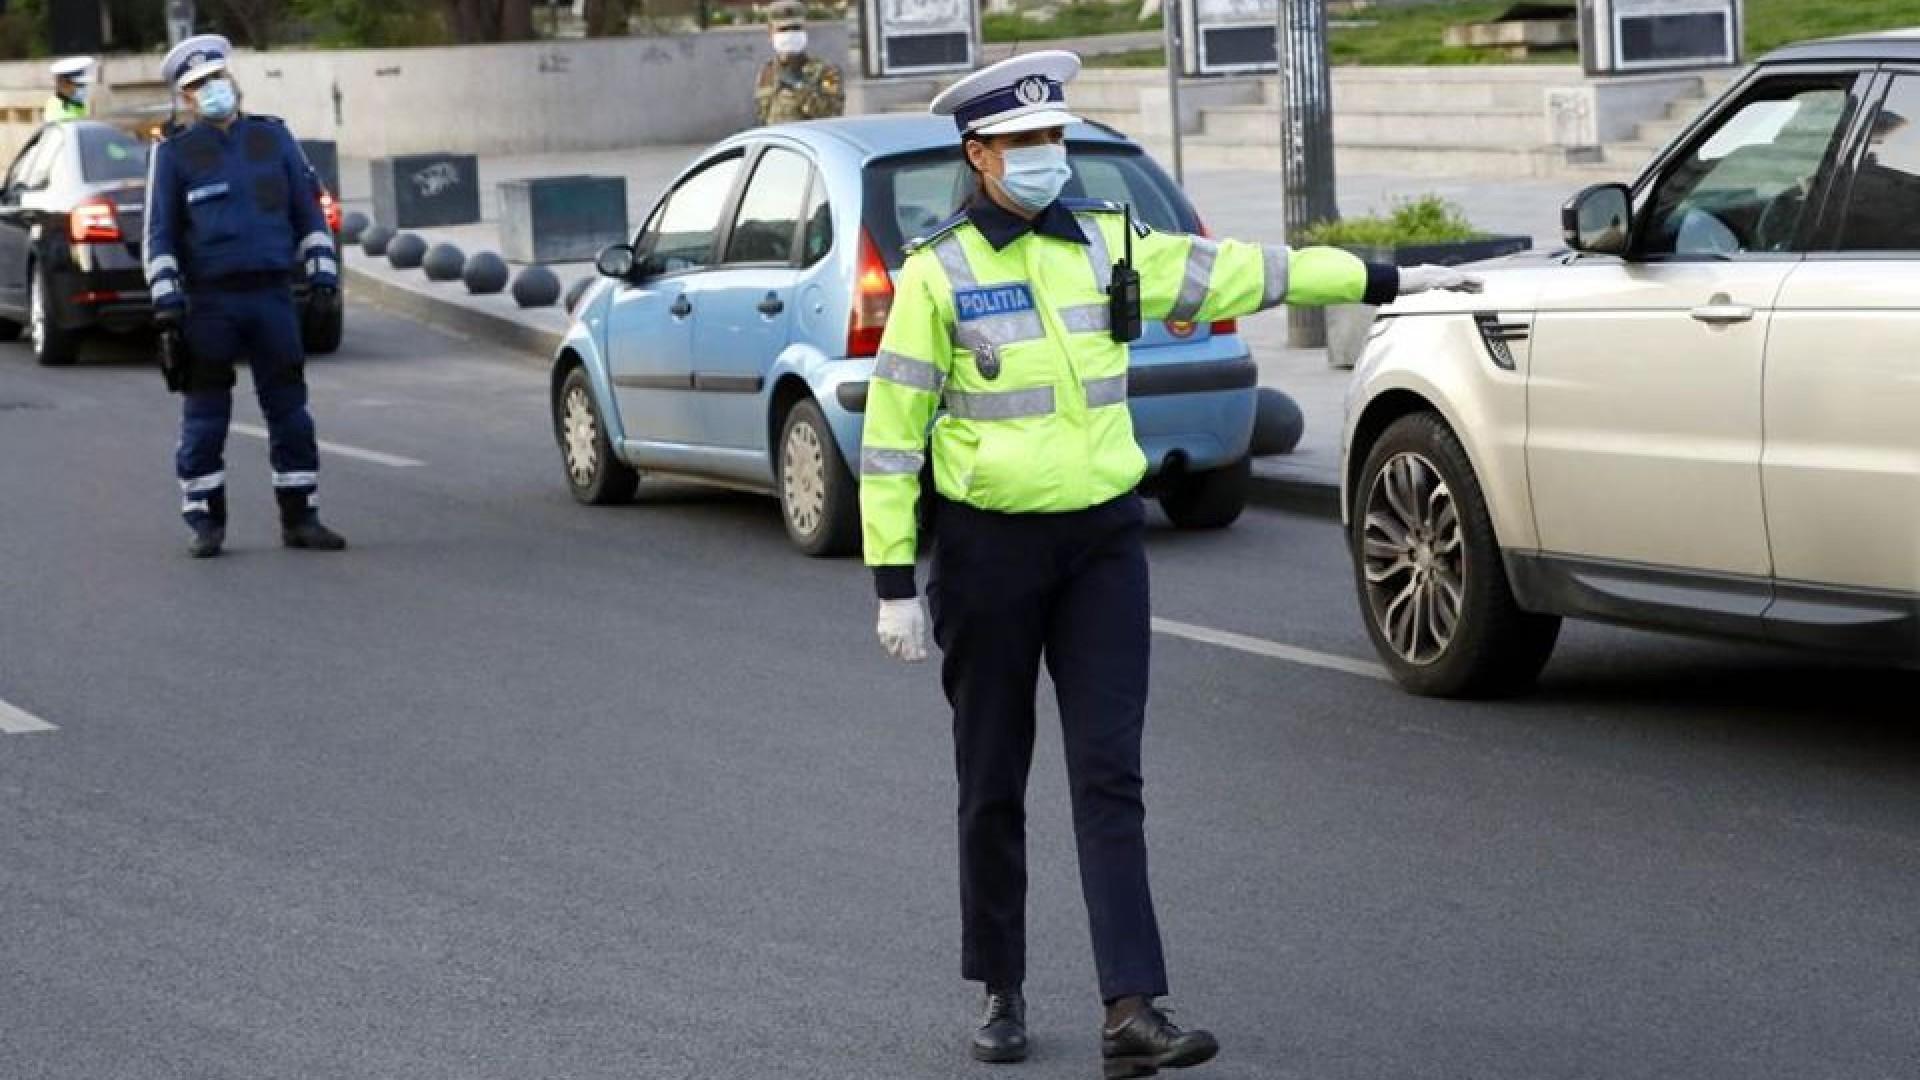 Verificări în stradă privind restricționarea circulației și pentru siguranța cetățenilor